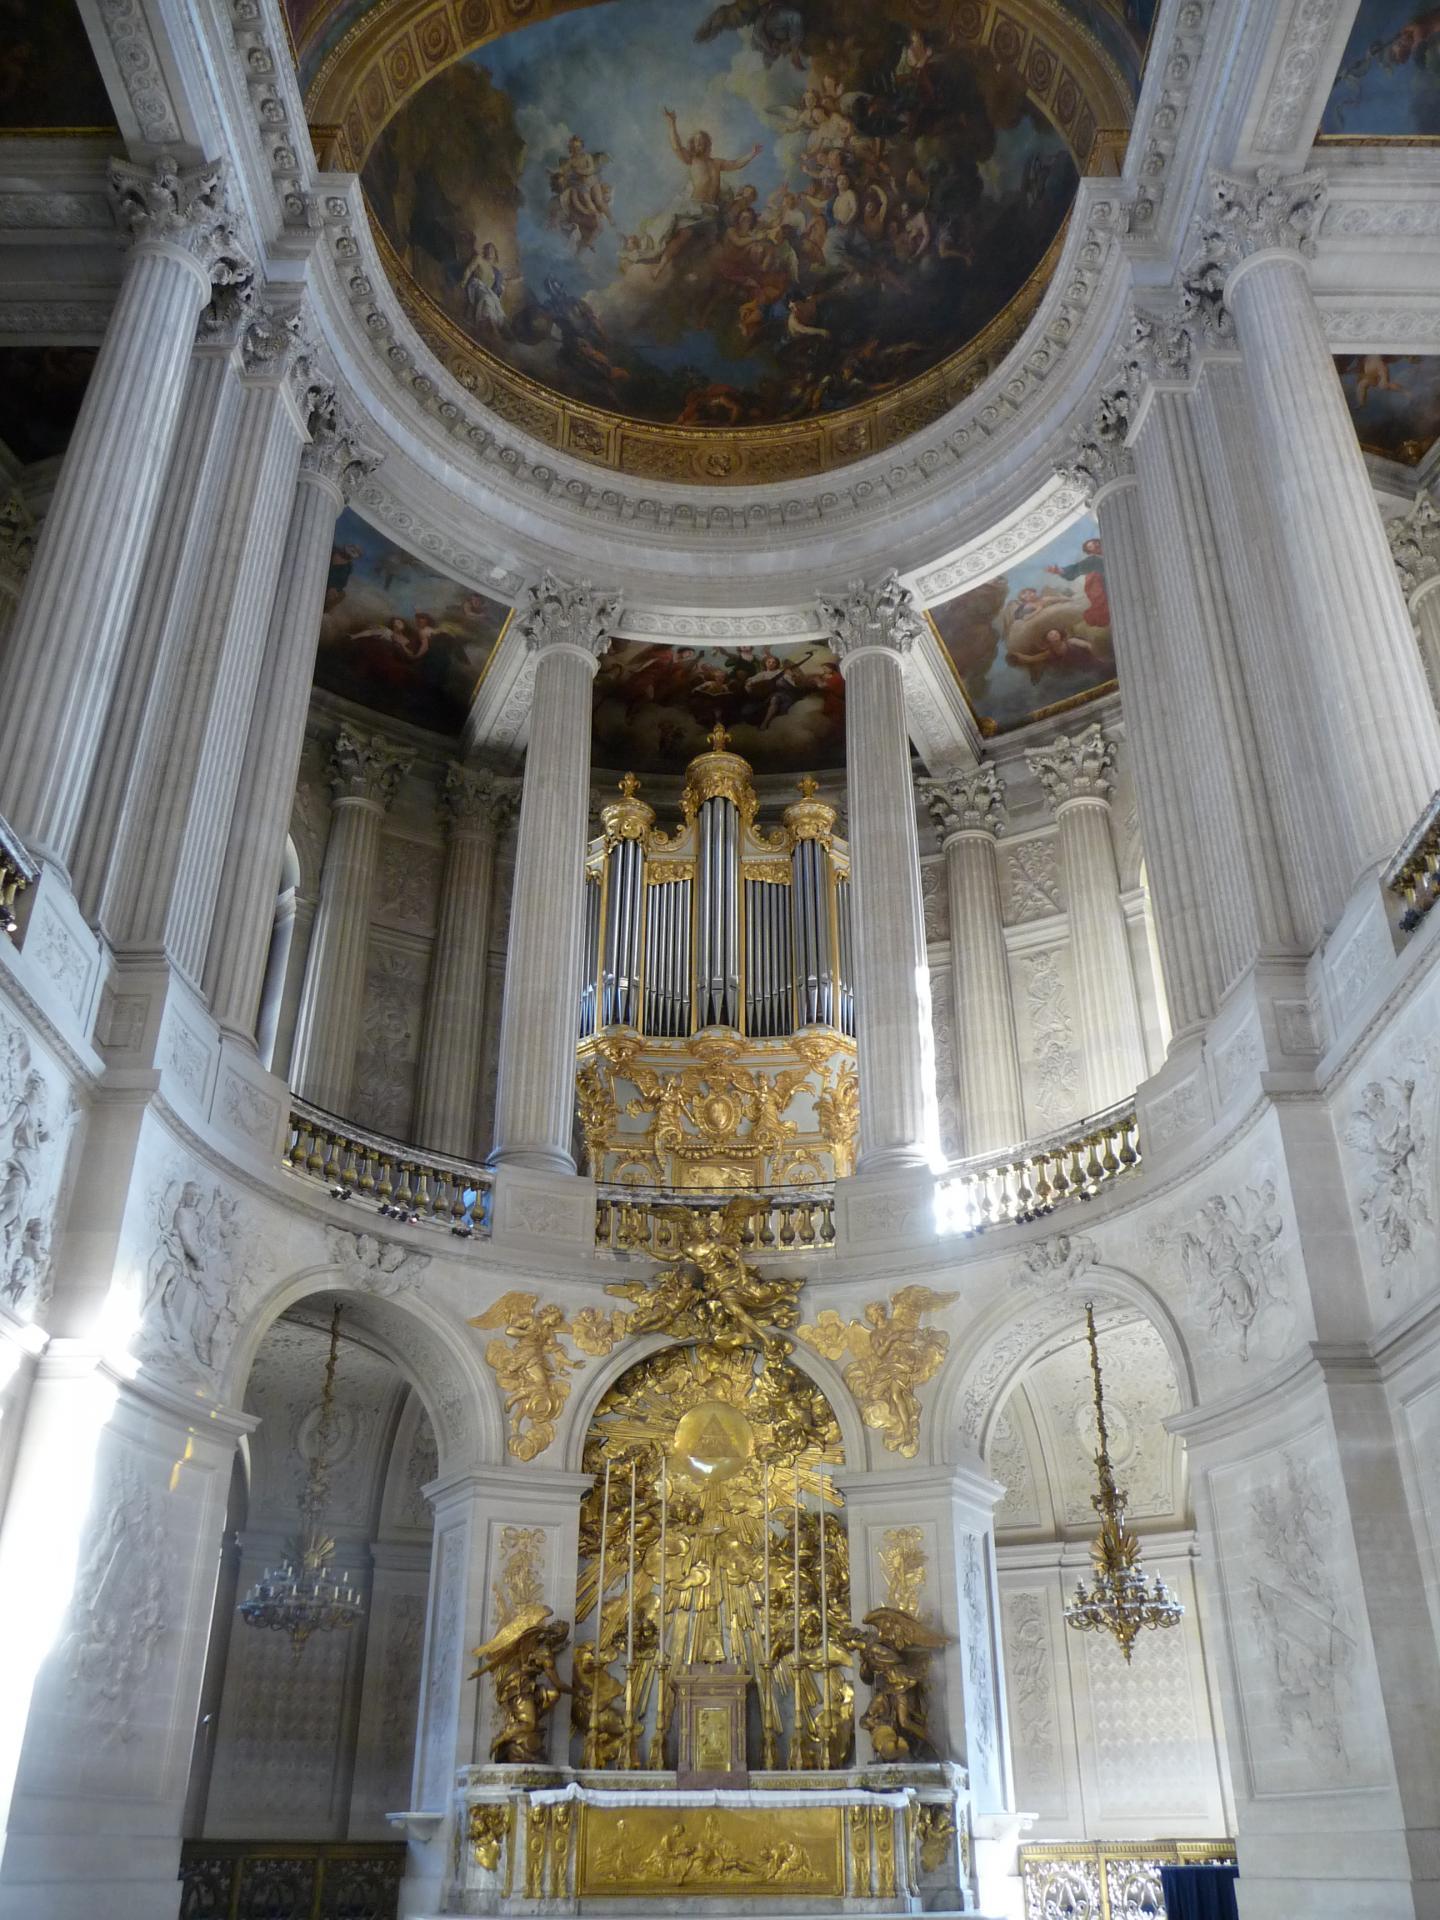 Jules Hardouin-Mansart - Robert de Cotte, maitre-autel et orgues de la chapelle royale de Versailles, 1708-1710, cl. Ph. Cachau